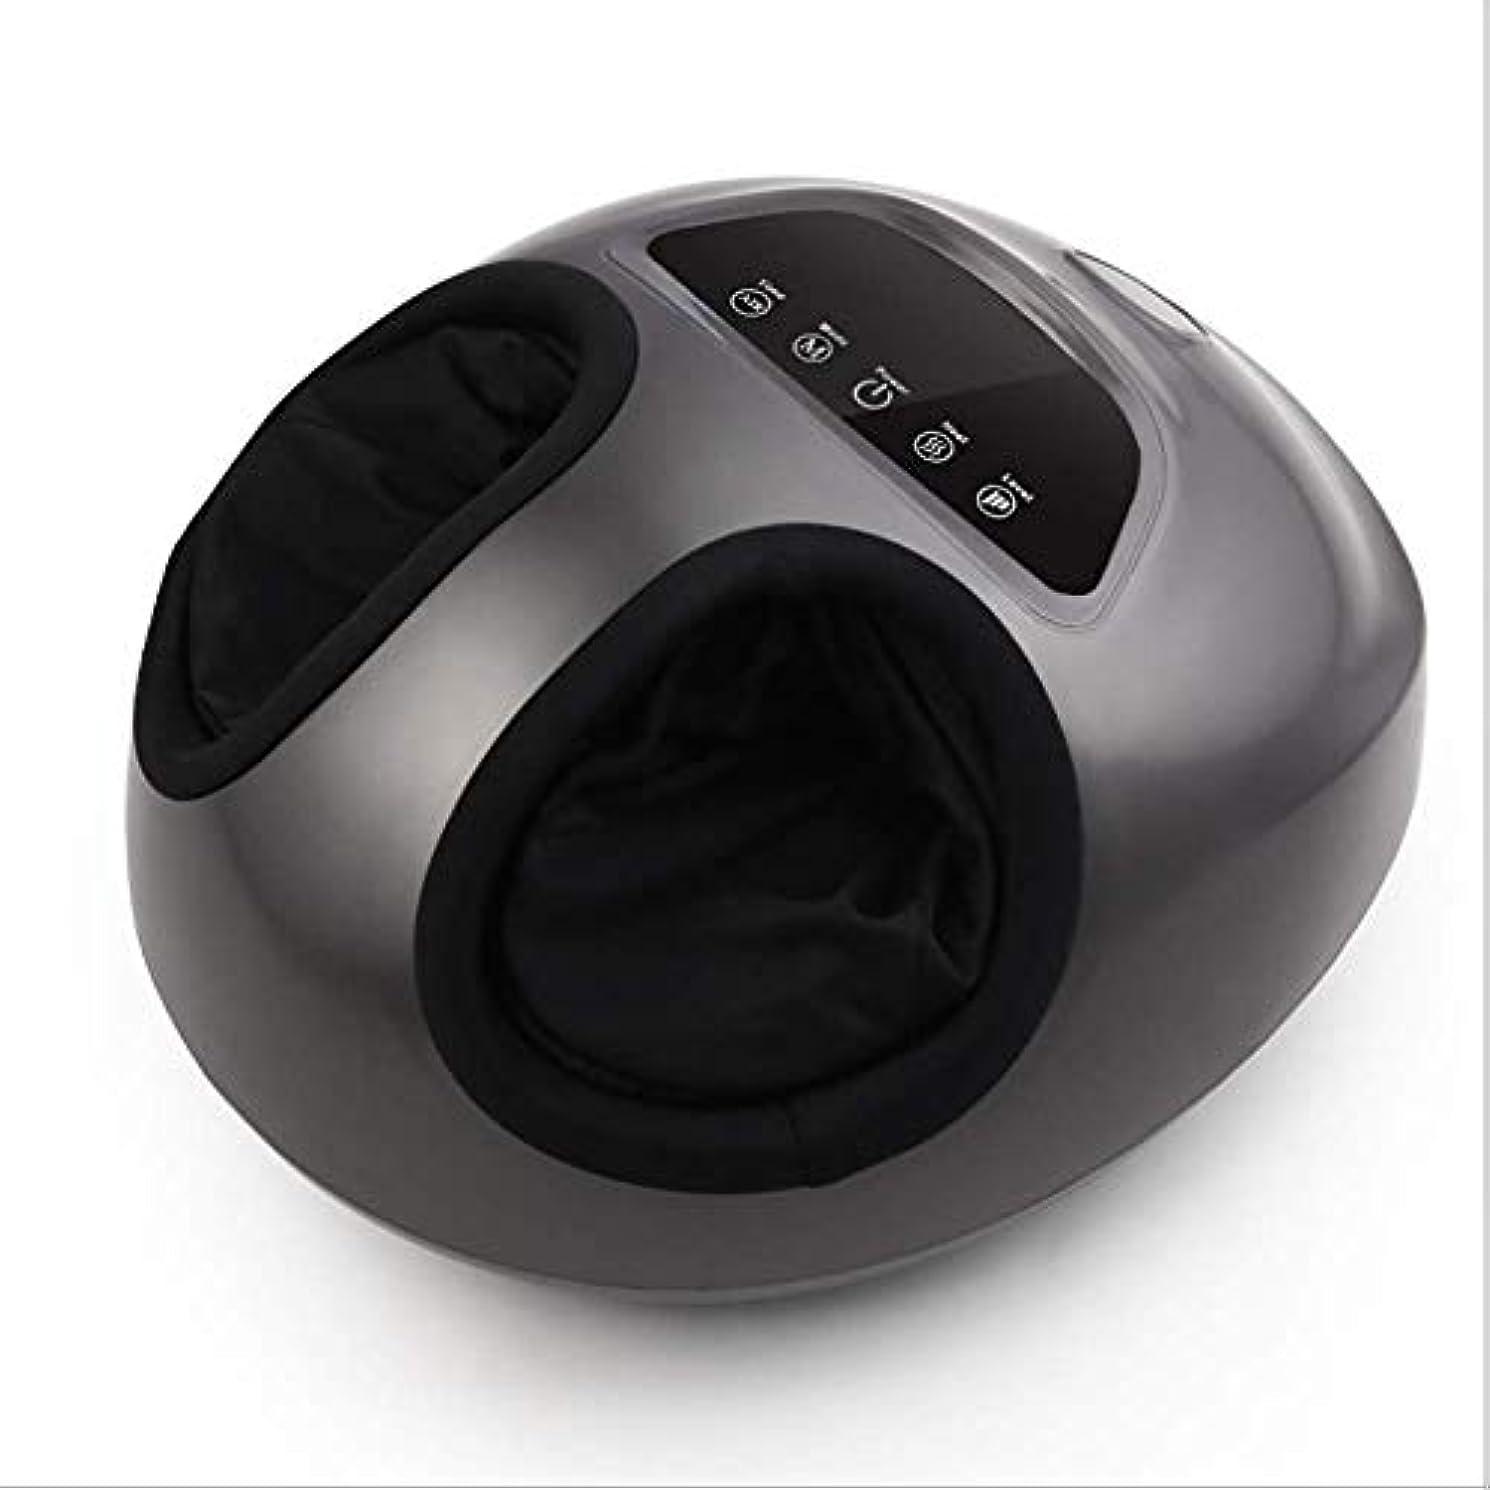 トランザクション笑和らげる指圧フットマッサージャー加熱電気足マッサージ空気圧縮深層揉搓足の痛みを和らげるホームオフィスの使用